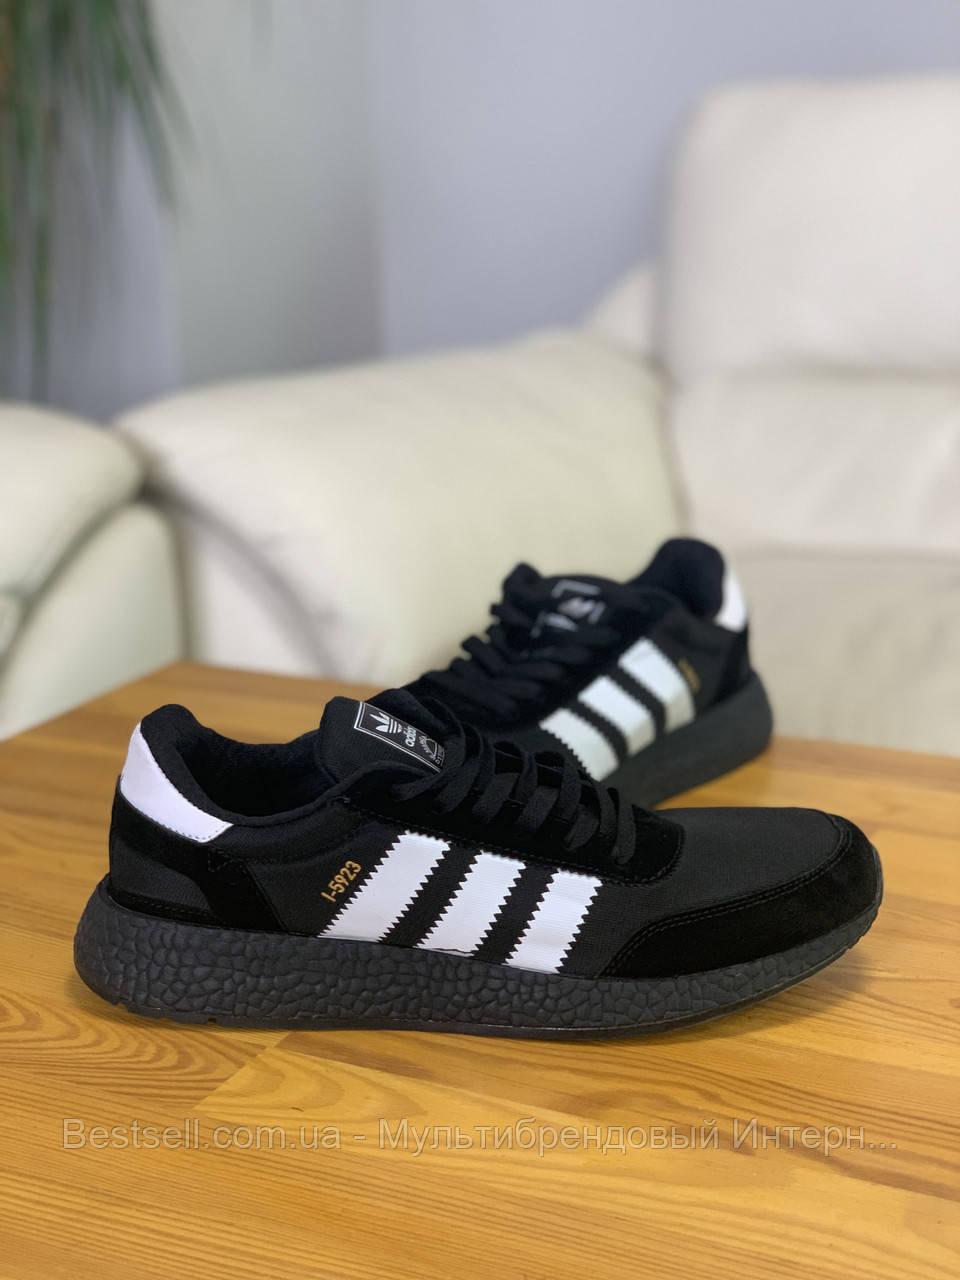 Кроссовки Adidas Iniki Black Адидас Иники Чёрные (41,42,43,44)